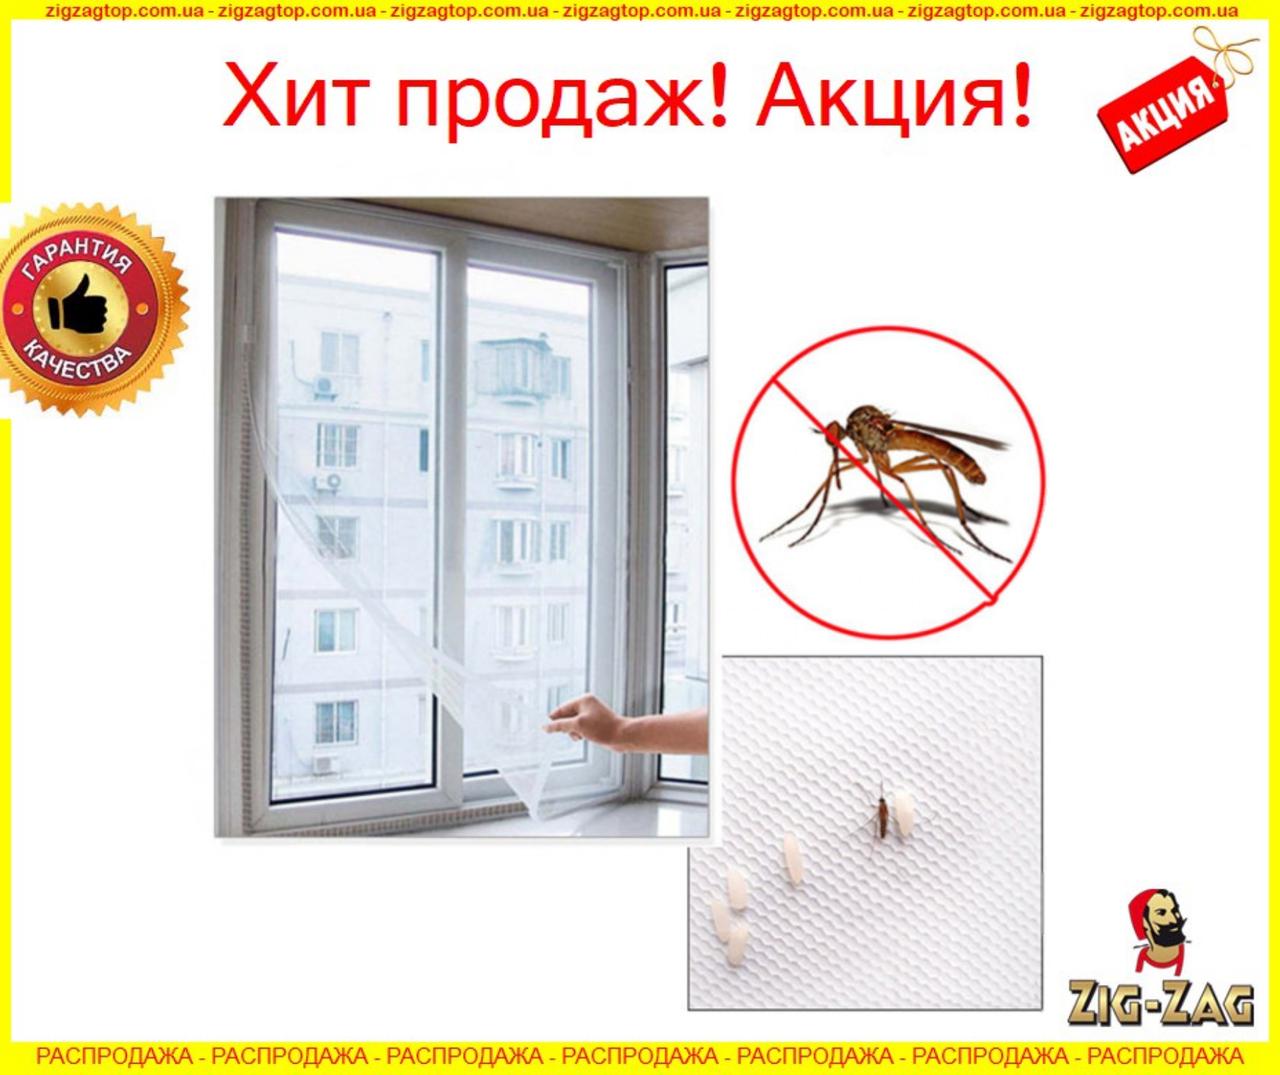 Антимоскітна Сітка на Вікно MAGNETIC 150х180 см| Москітна Сітка на Вікно зі Стрічкою для Кріплення NO9213